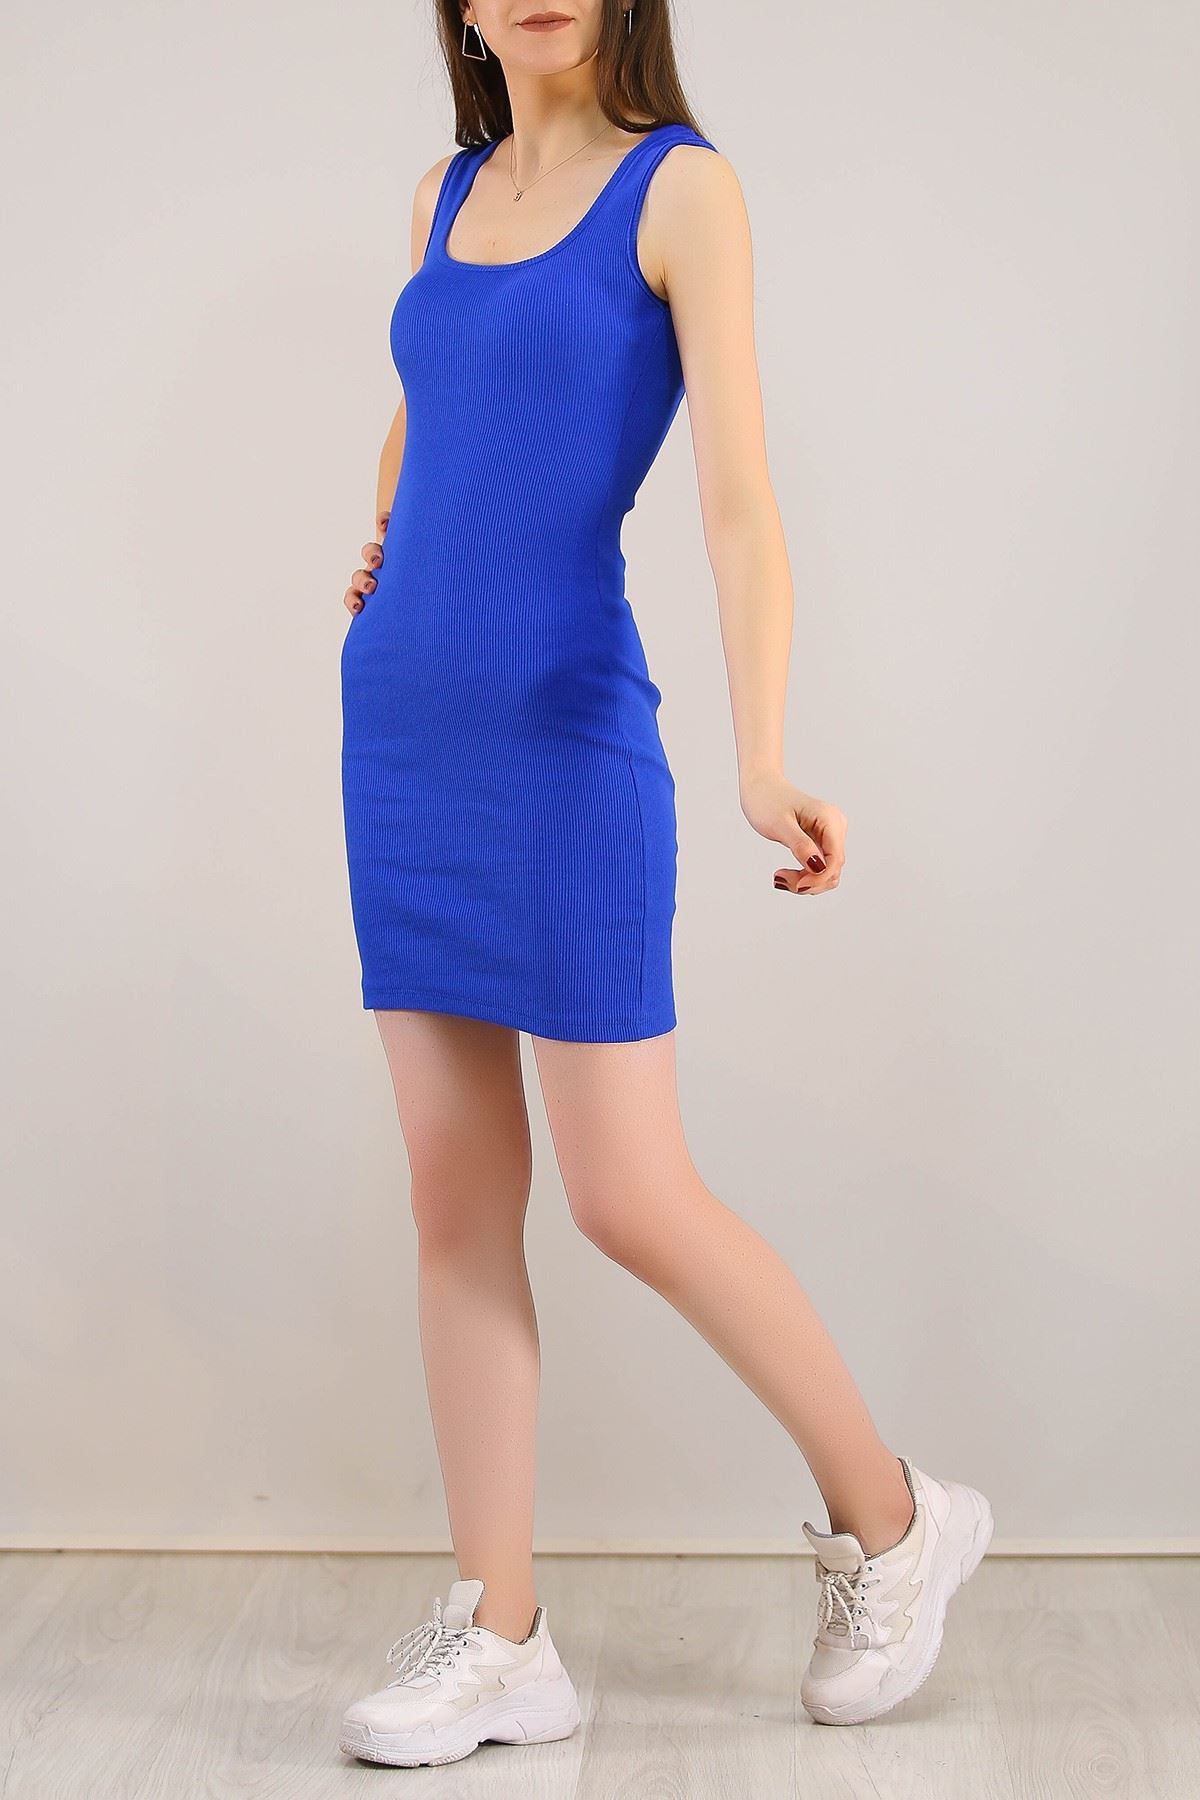 Kaşkorse Sıfır Kol Elbise Saks - 5188.316.